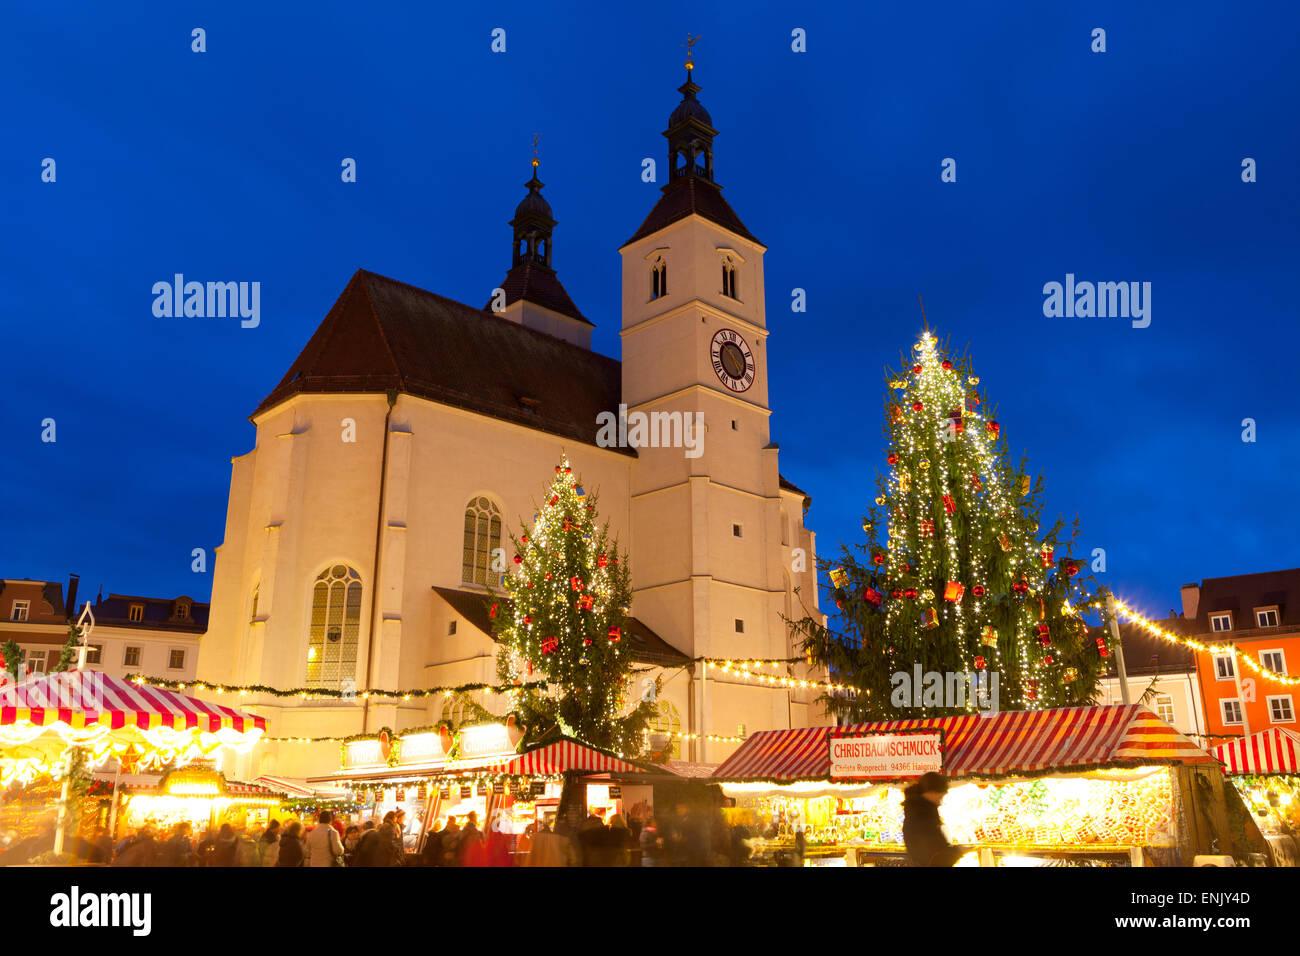 Weihnachtsmarkt Regensburg Neupfarrplatz